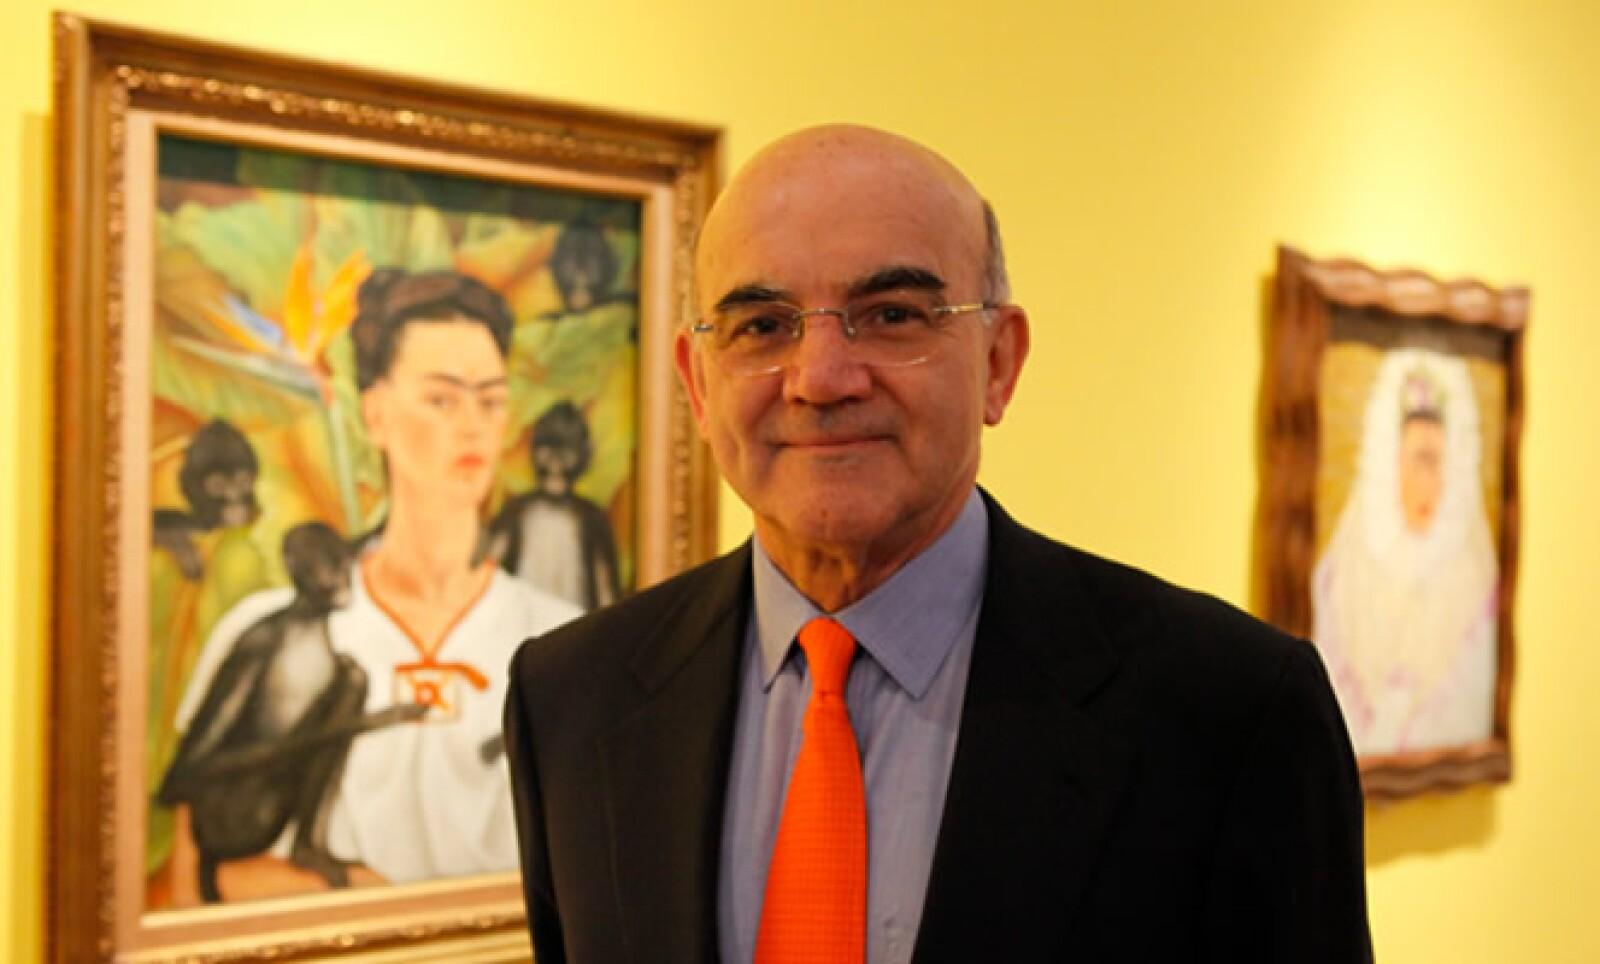 """""""Pienso que muestra todo de Frida Kahlo: su cuerpo destrozado, el surrealismo, su incapacidad para tener hijos"""", comentó Carlos Phillip Olmedo, quien prestó pinturas al museo para la exhibición."""